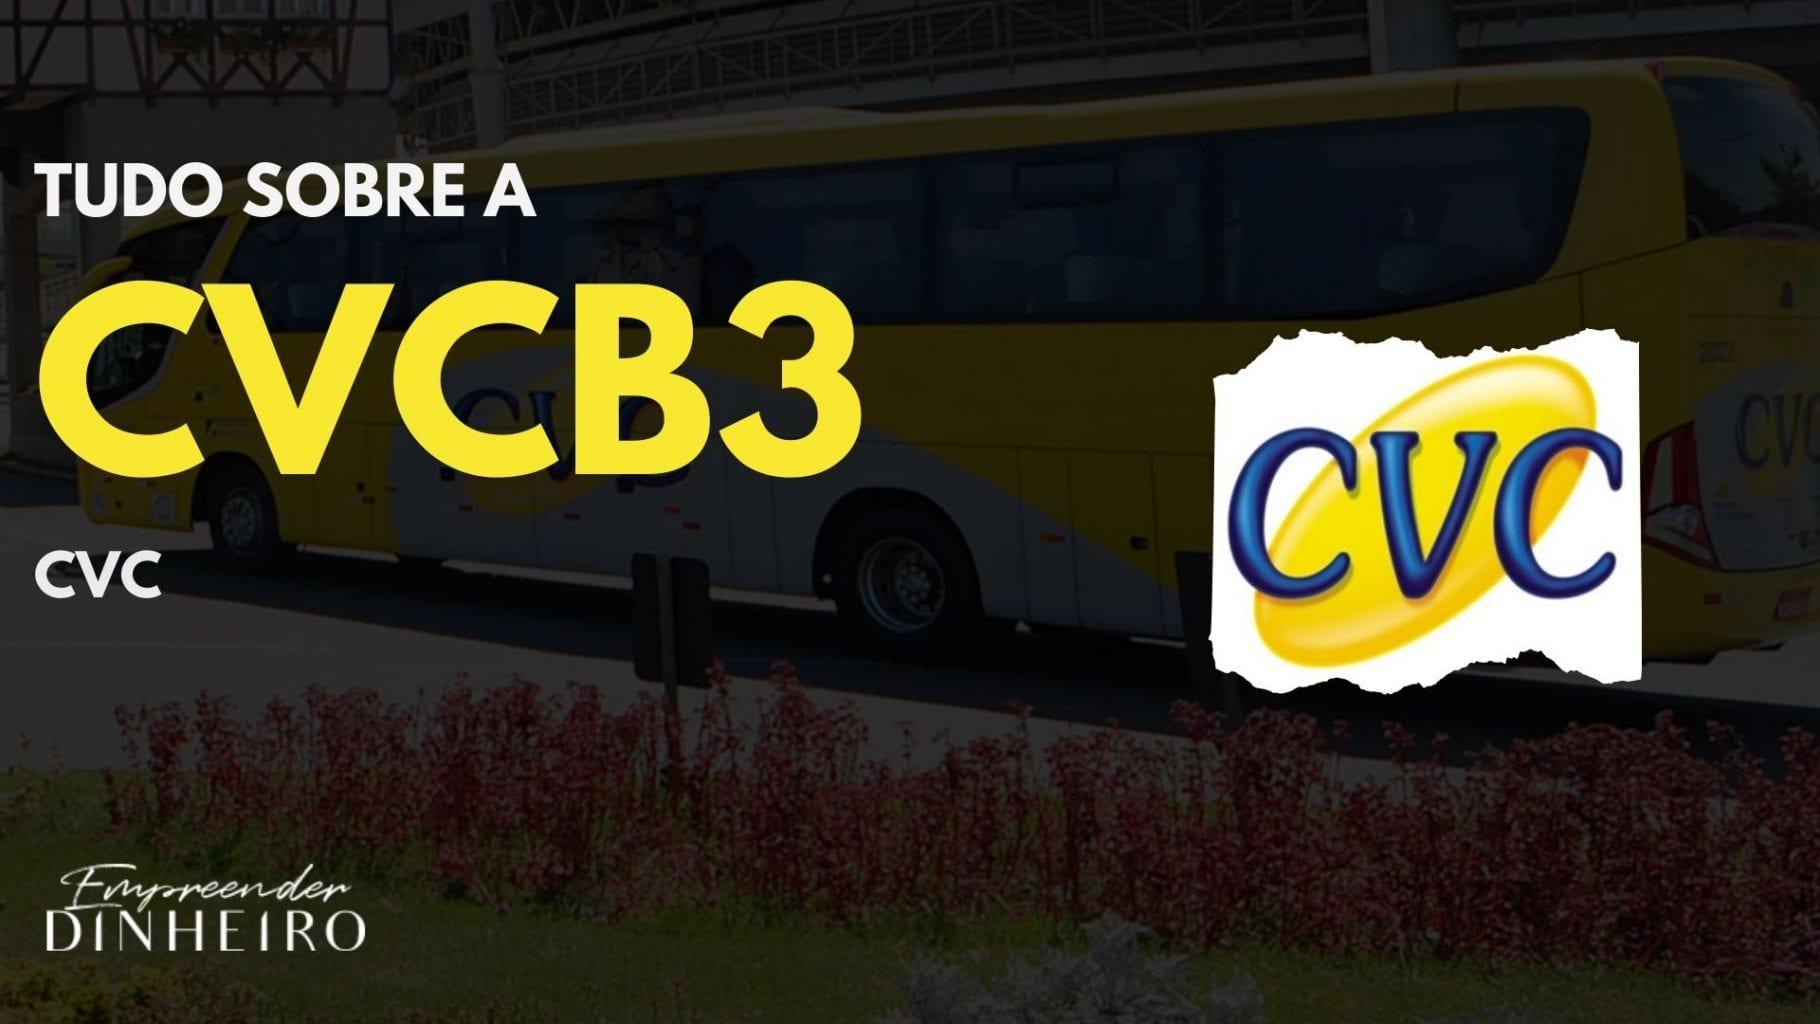 CVCB3